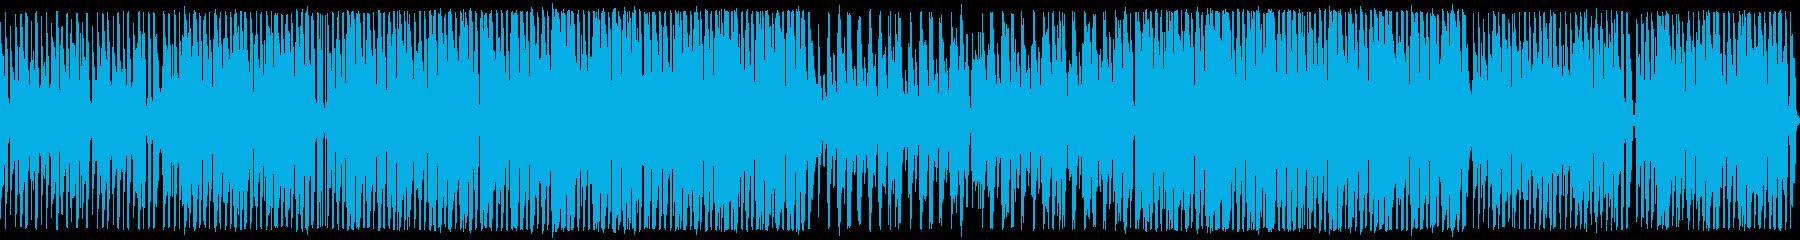 木琴のノリノリポップ ループ仕様の再生済みの波形